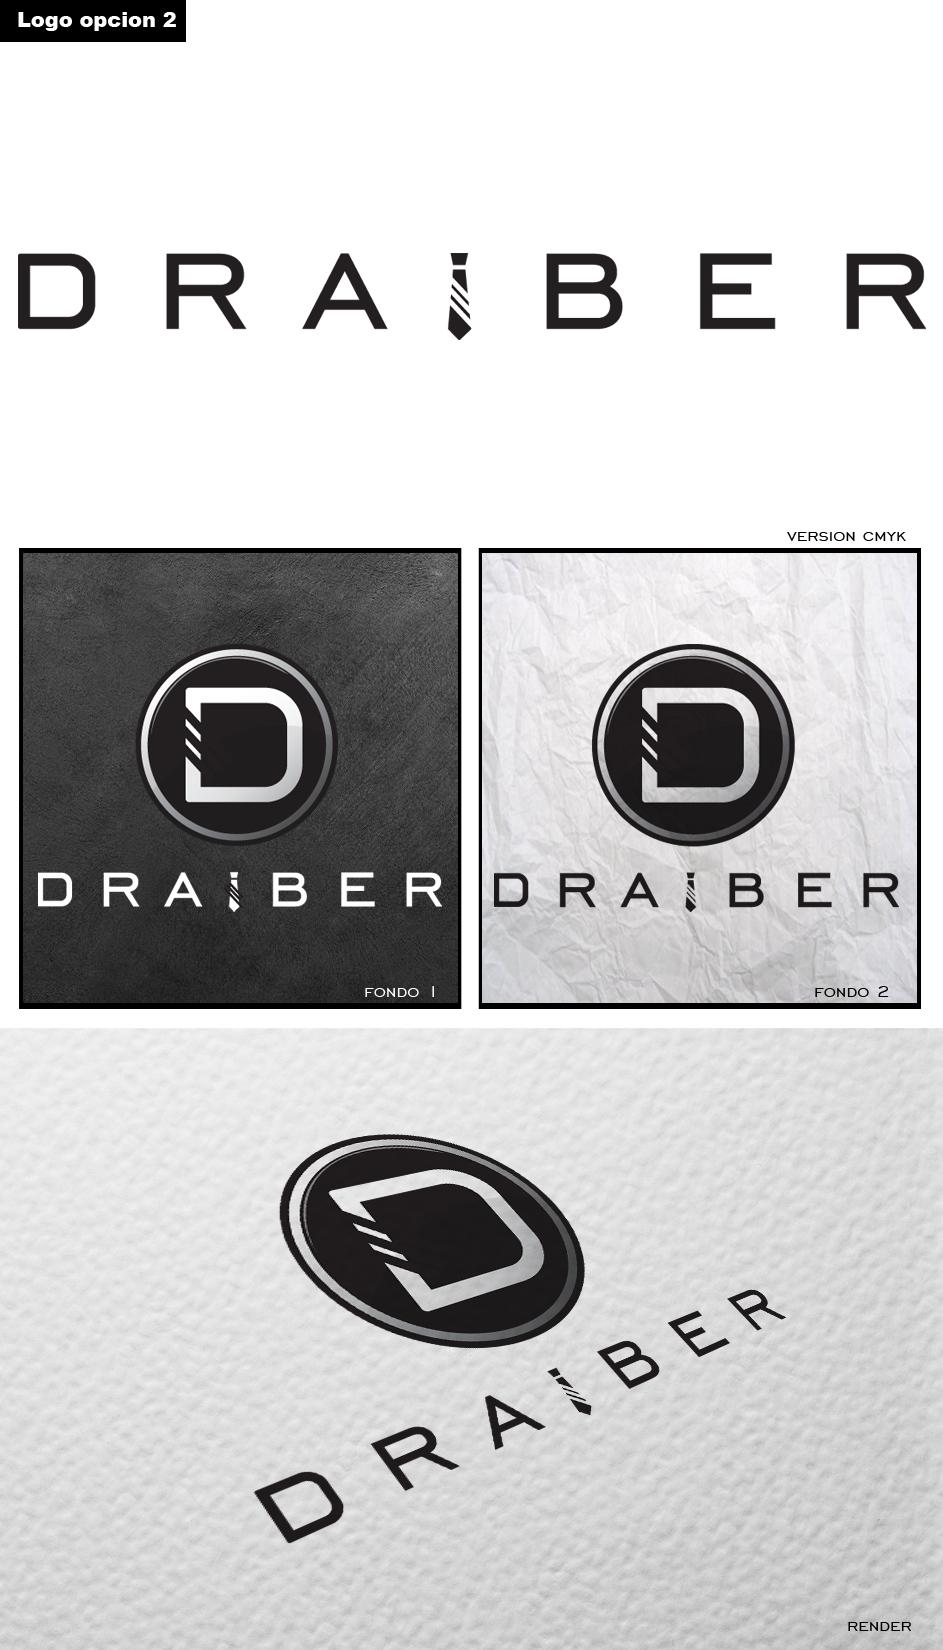 DRAIBER